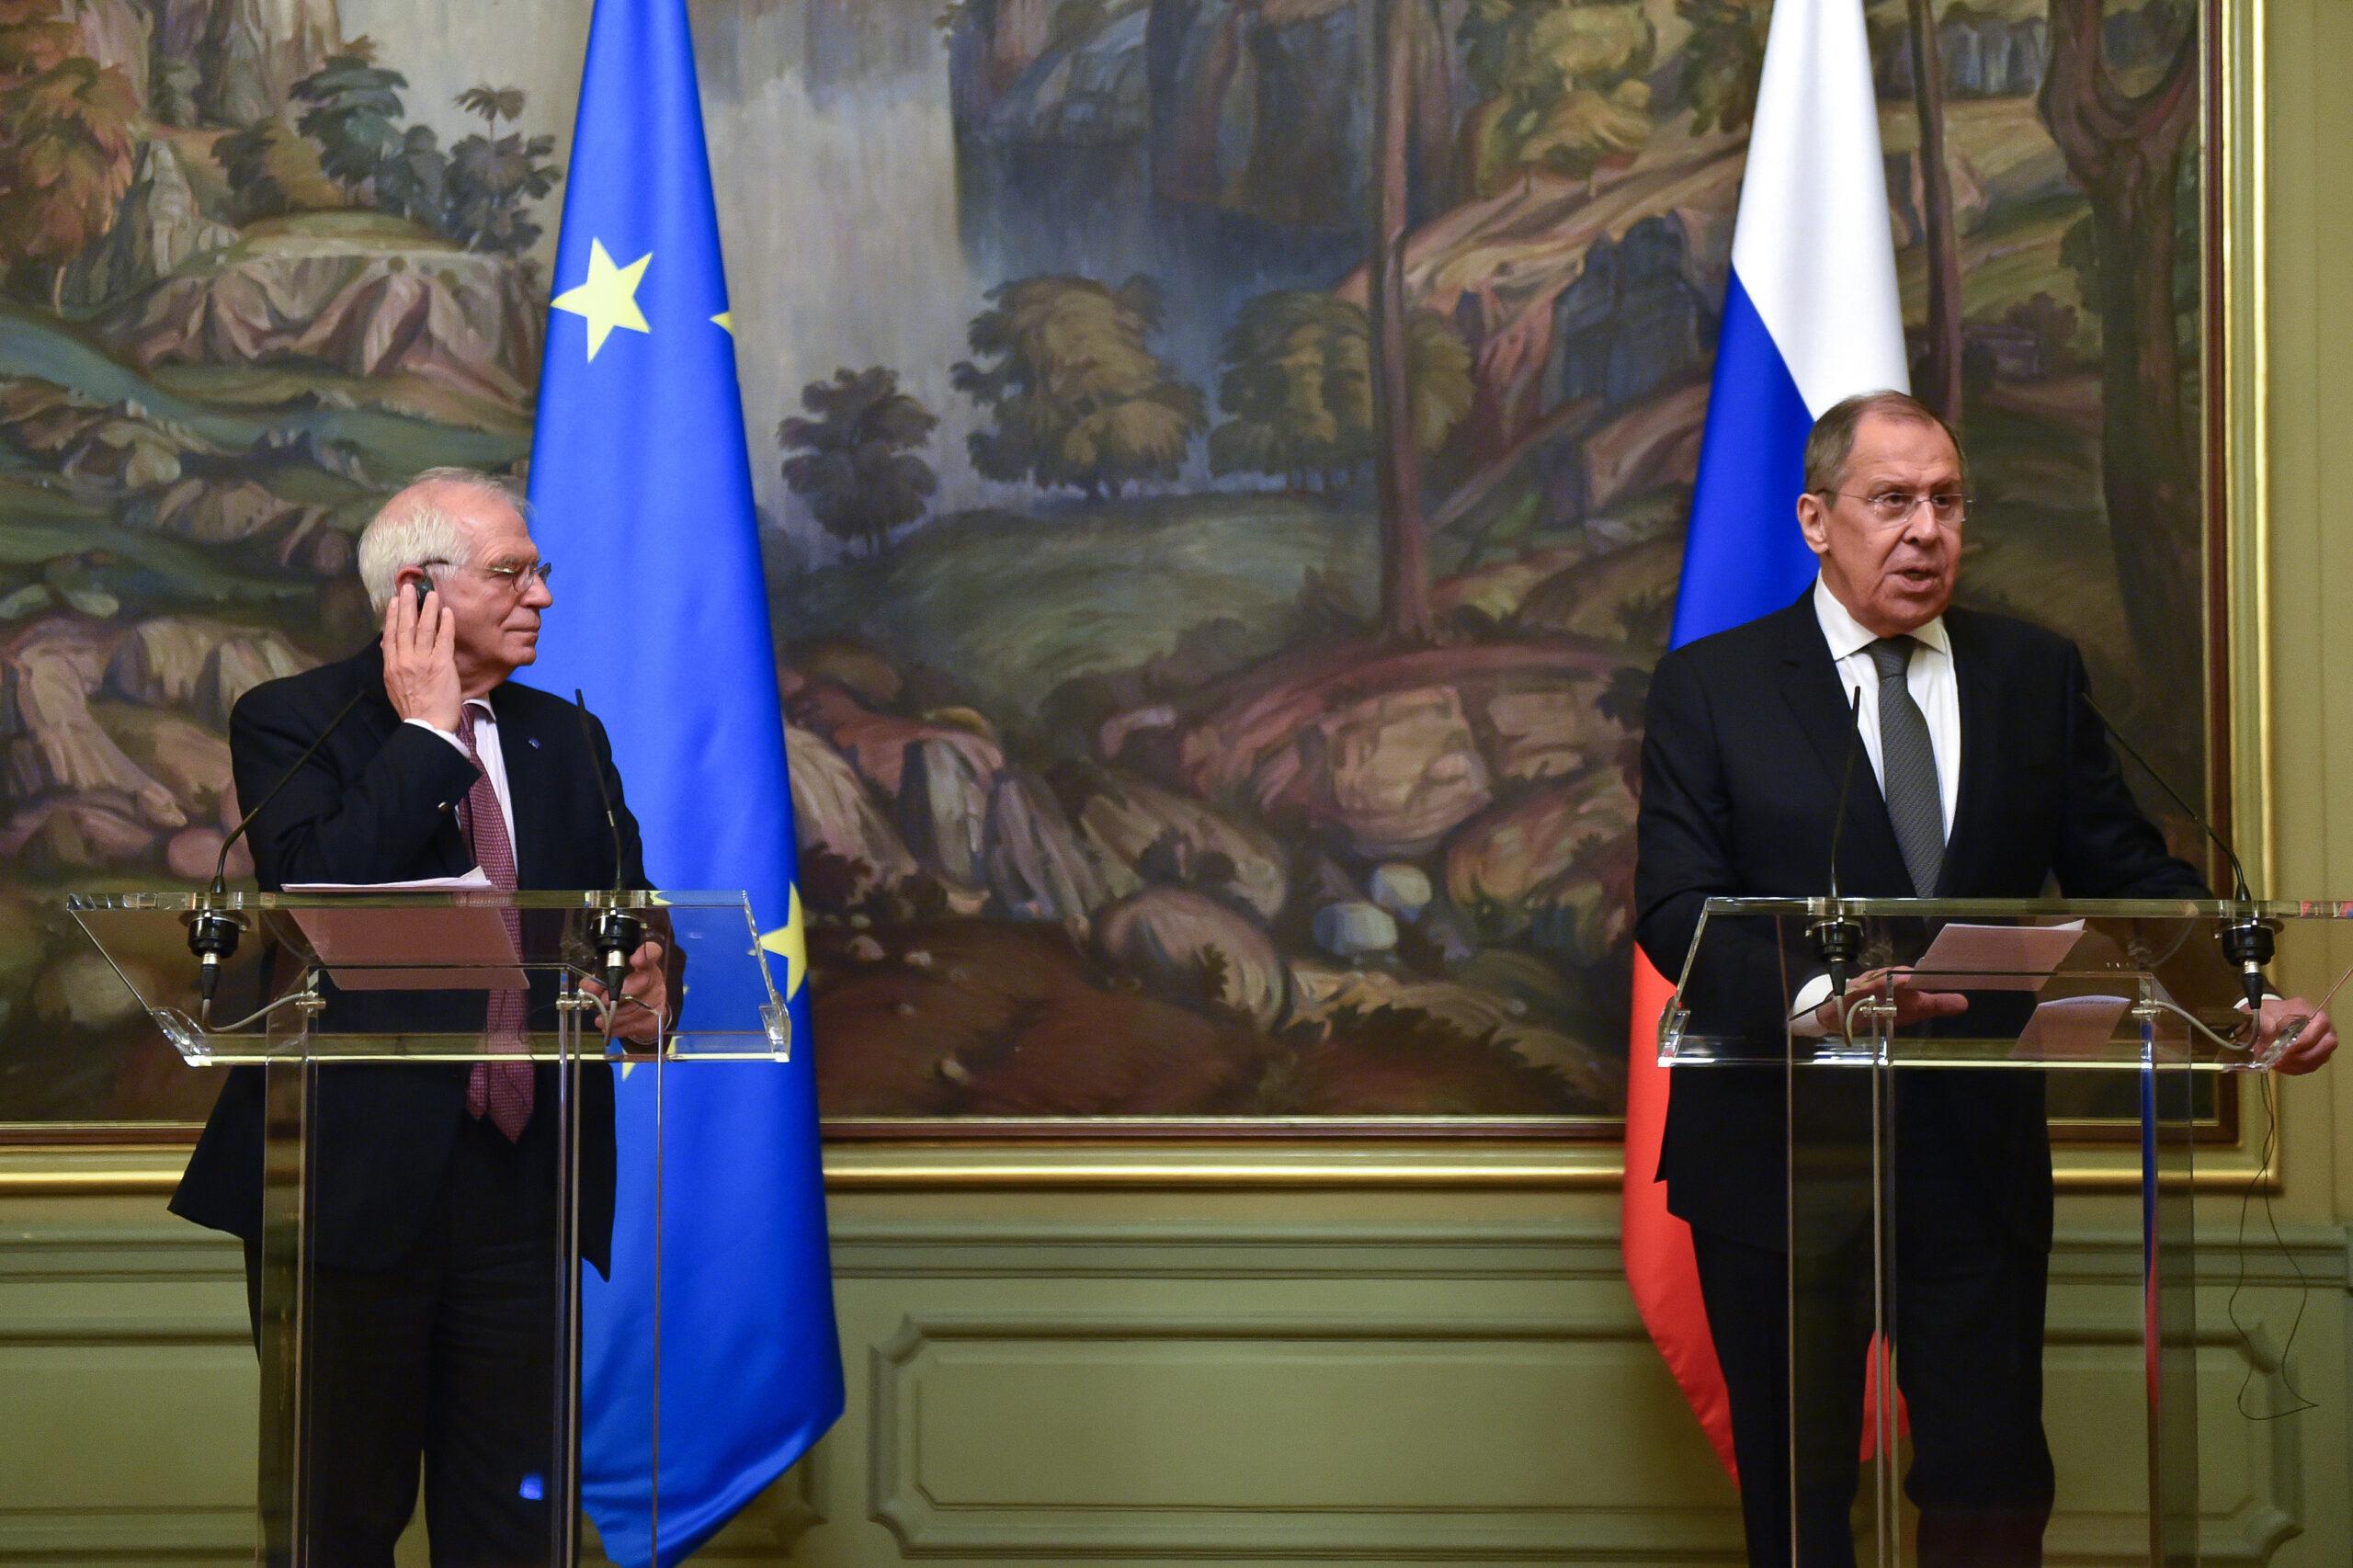 El representant de la diplomàcia de la UE, Josep Borrell, amb el ministre d'Exteriors rus, Sergei Lavrov, a Moscou, aquest divendres, 5 de febrer / Europa Press